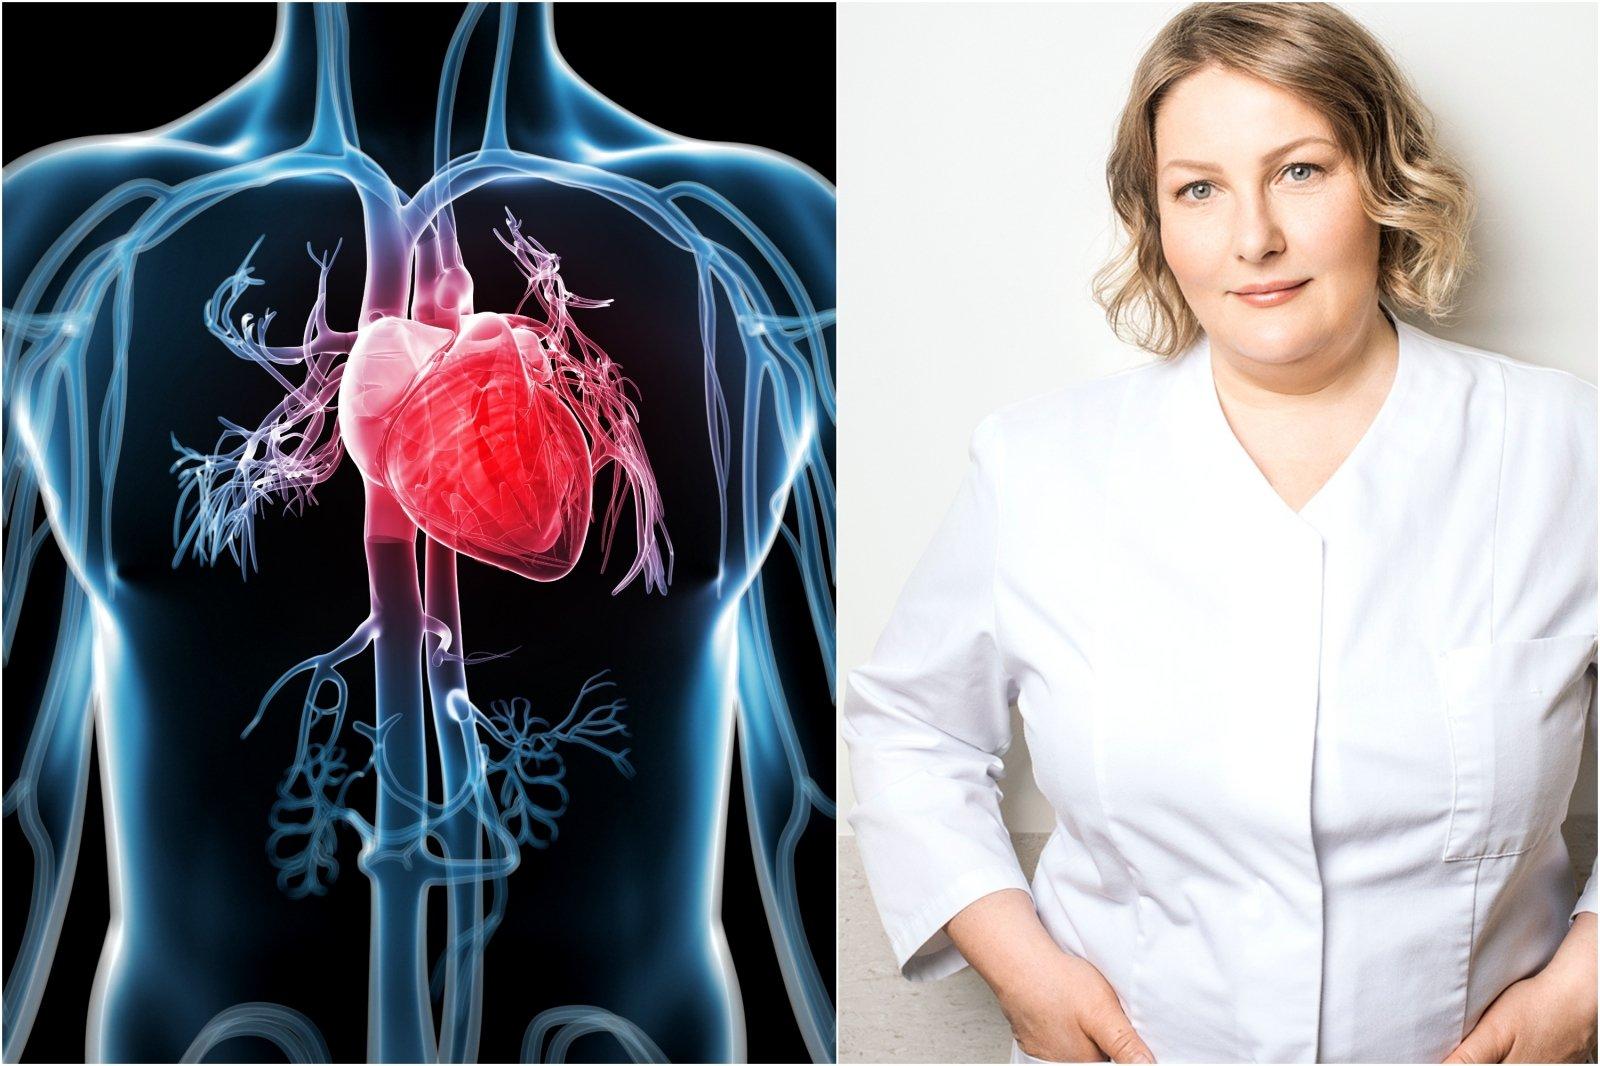 kraujagyslių hipertenzijos skyrius pilant vandenį iš stiklinės į taurę sergant hipertenzija